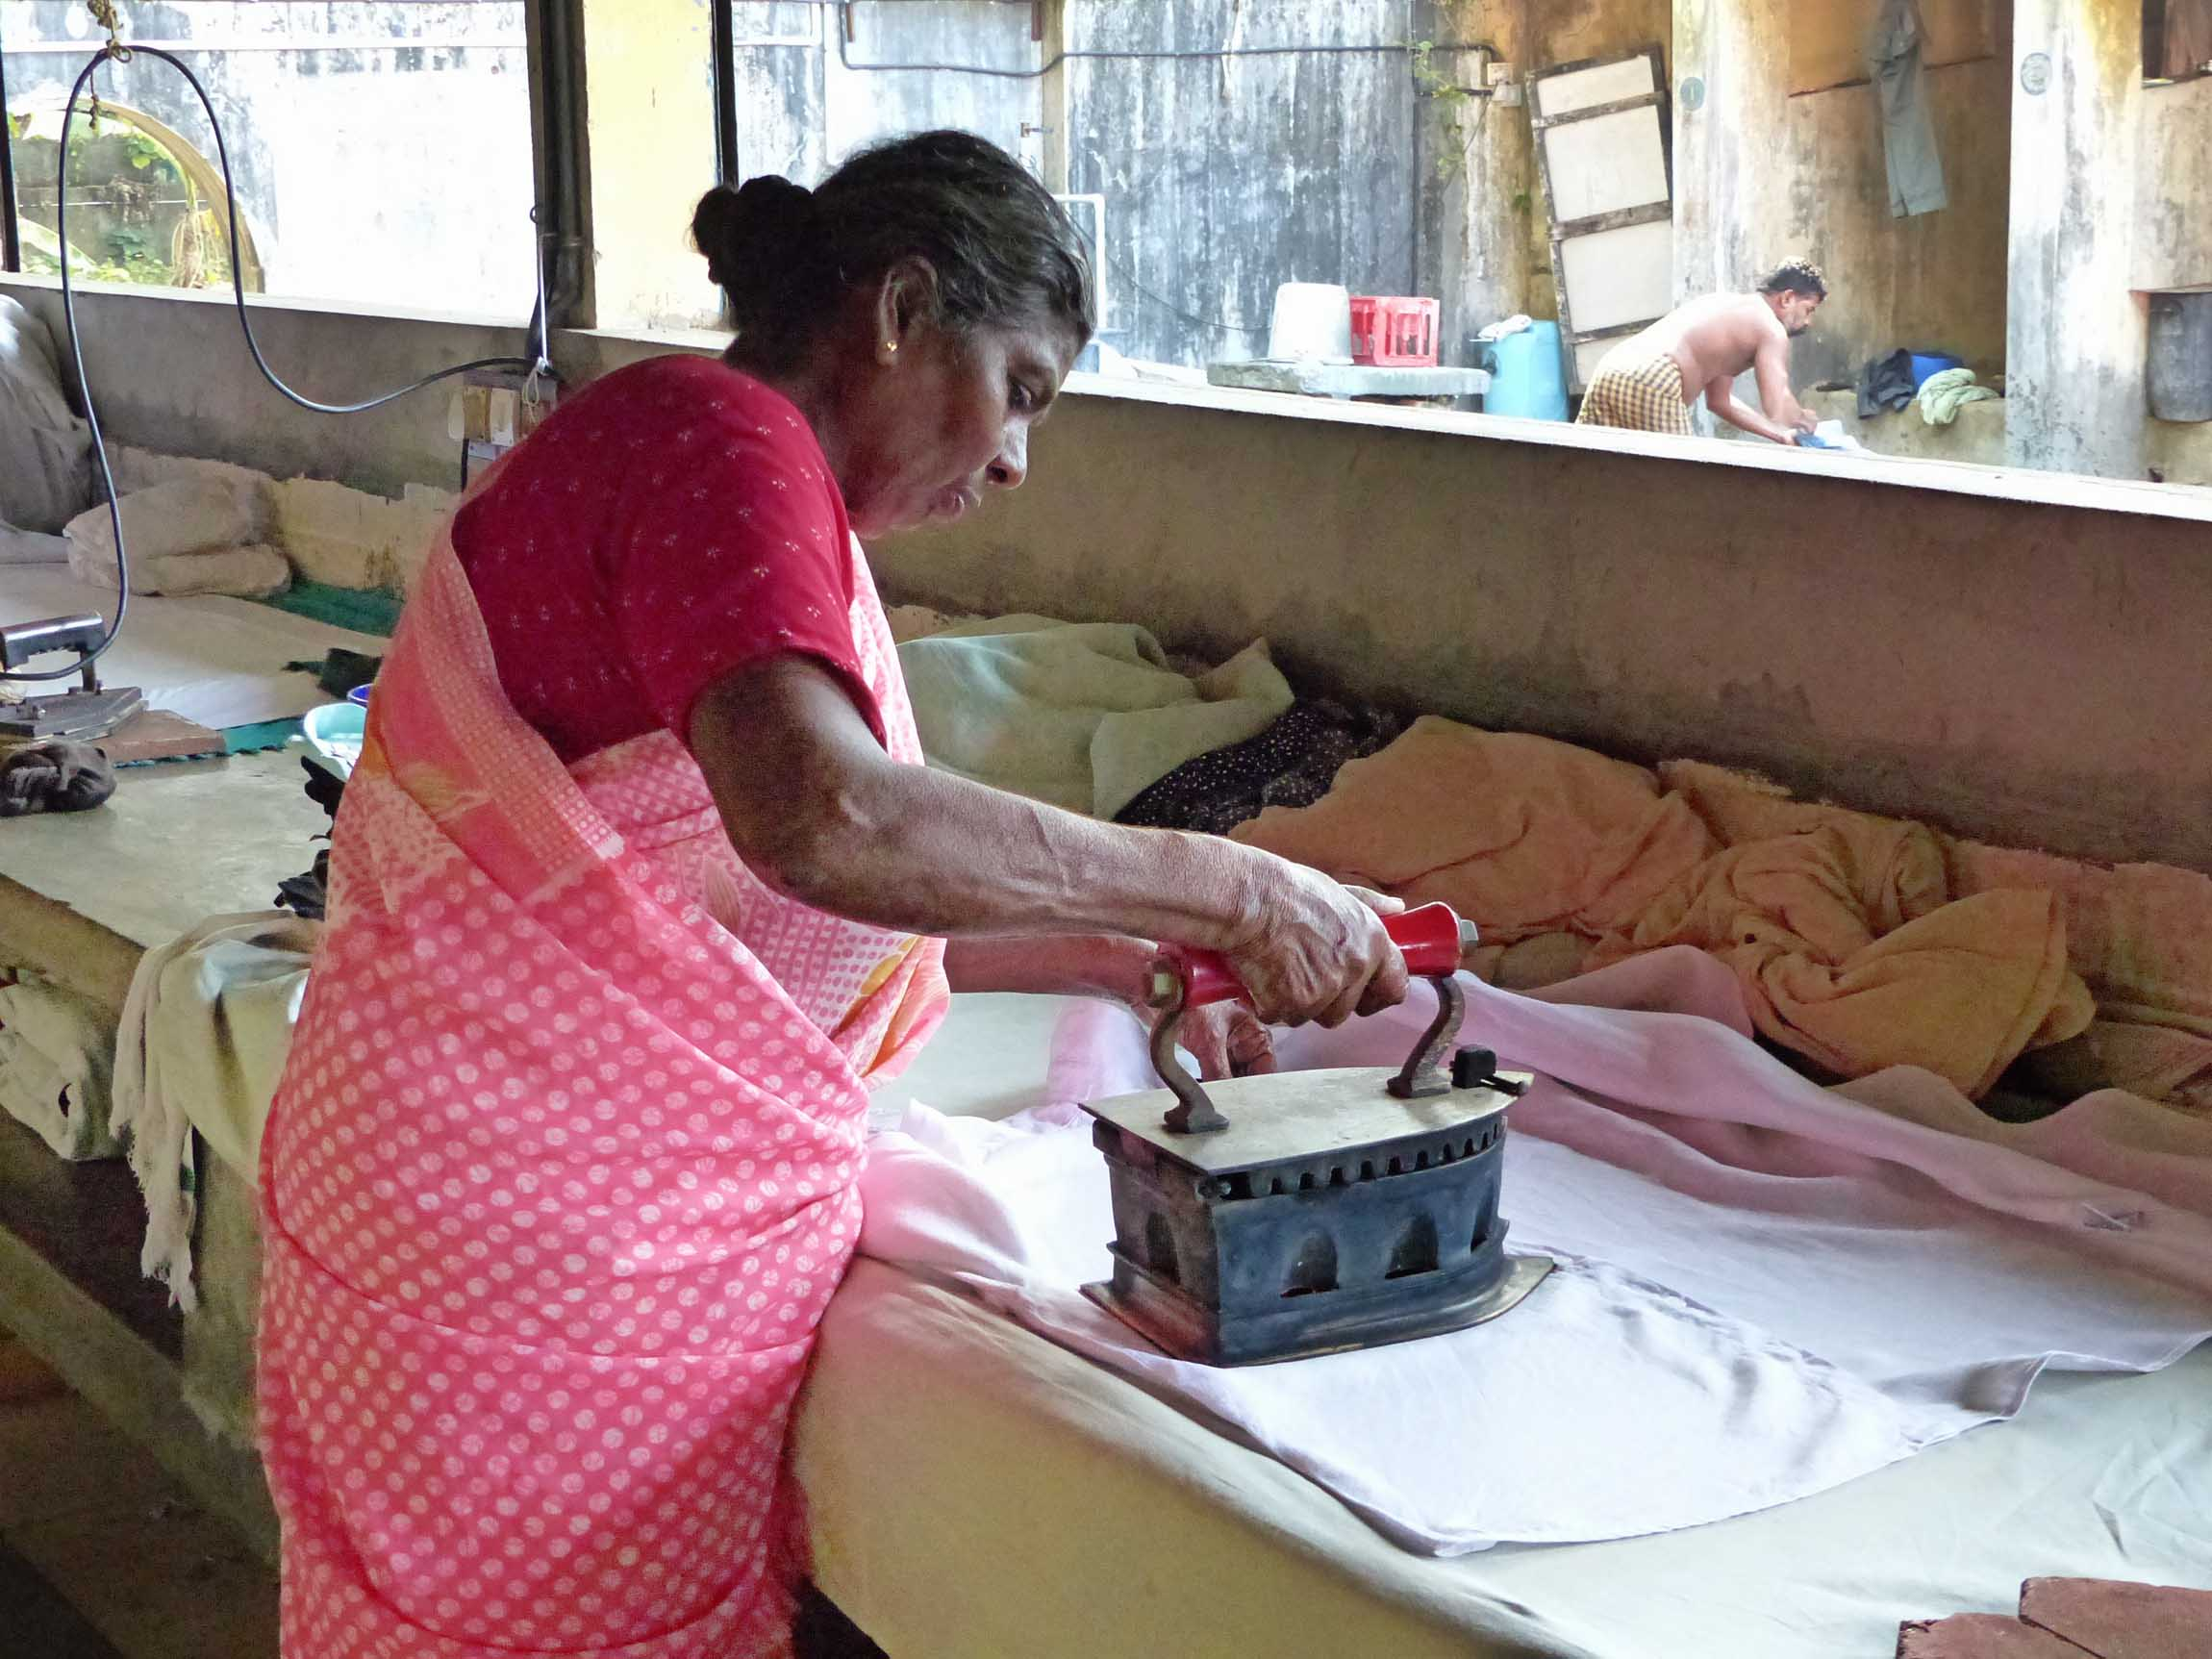 Woman in pink sari ironing